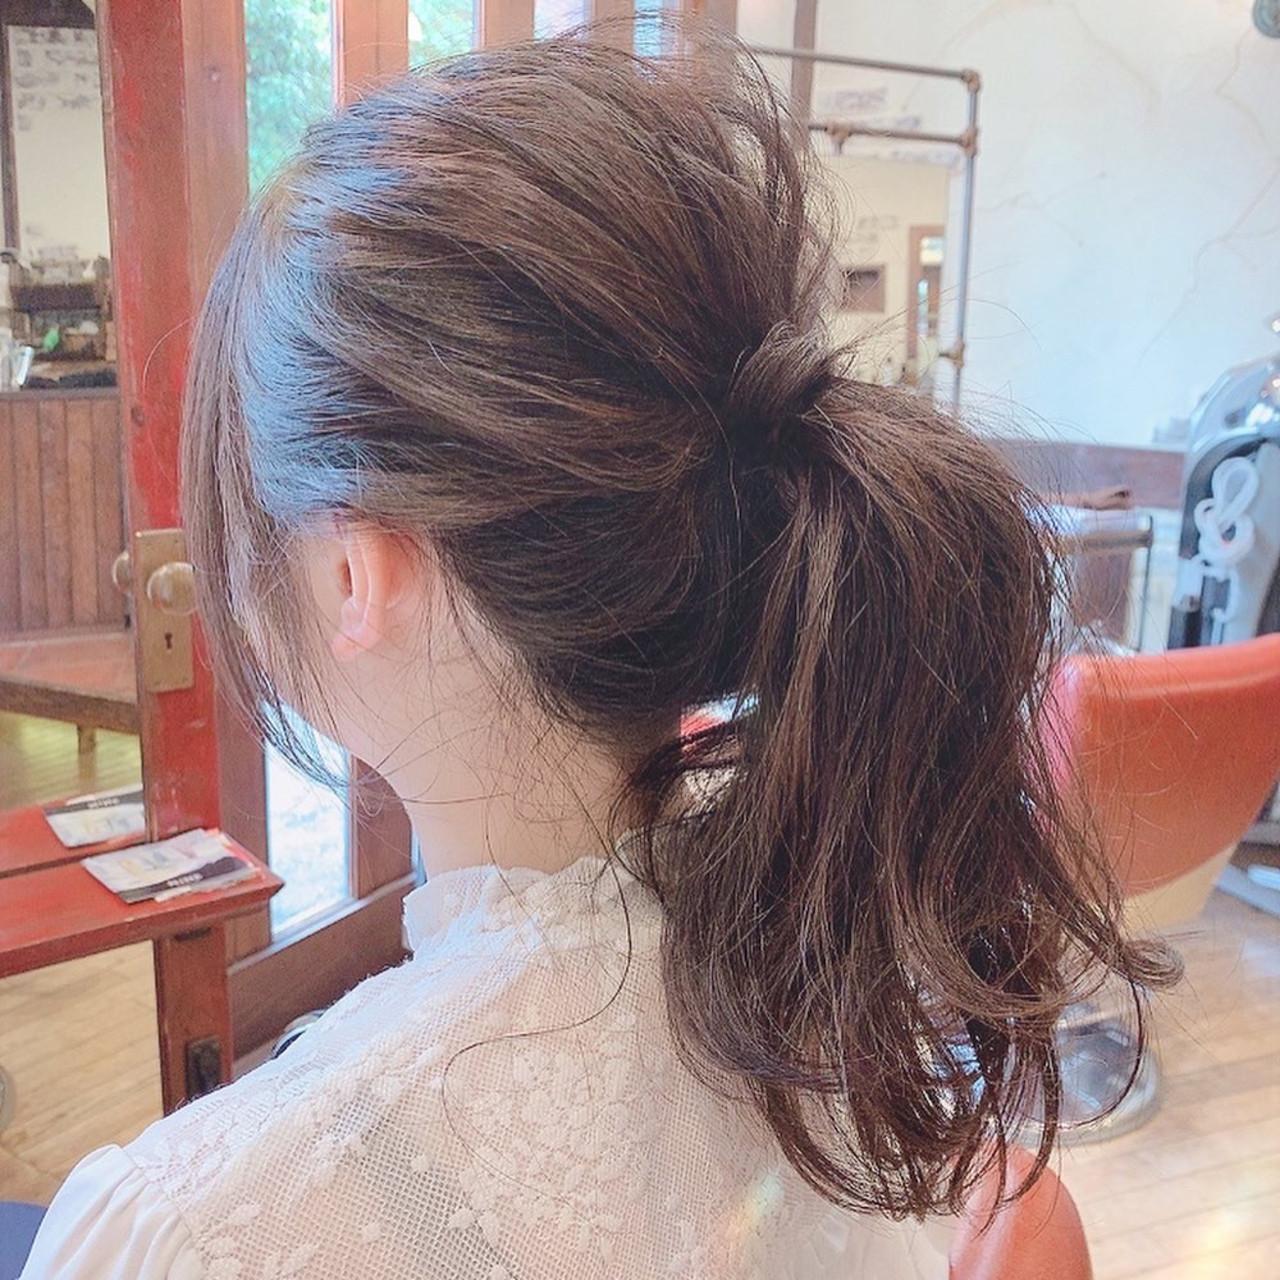 ナチュラル 大人可愛い セミロング セルフヘアアレンジ ヘアスタイルや髪型の写真・画像